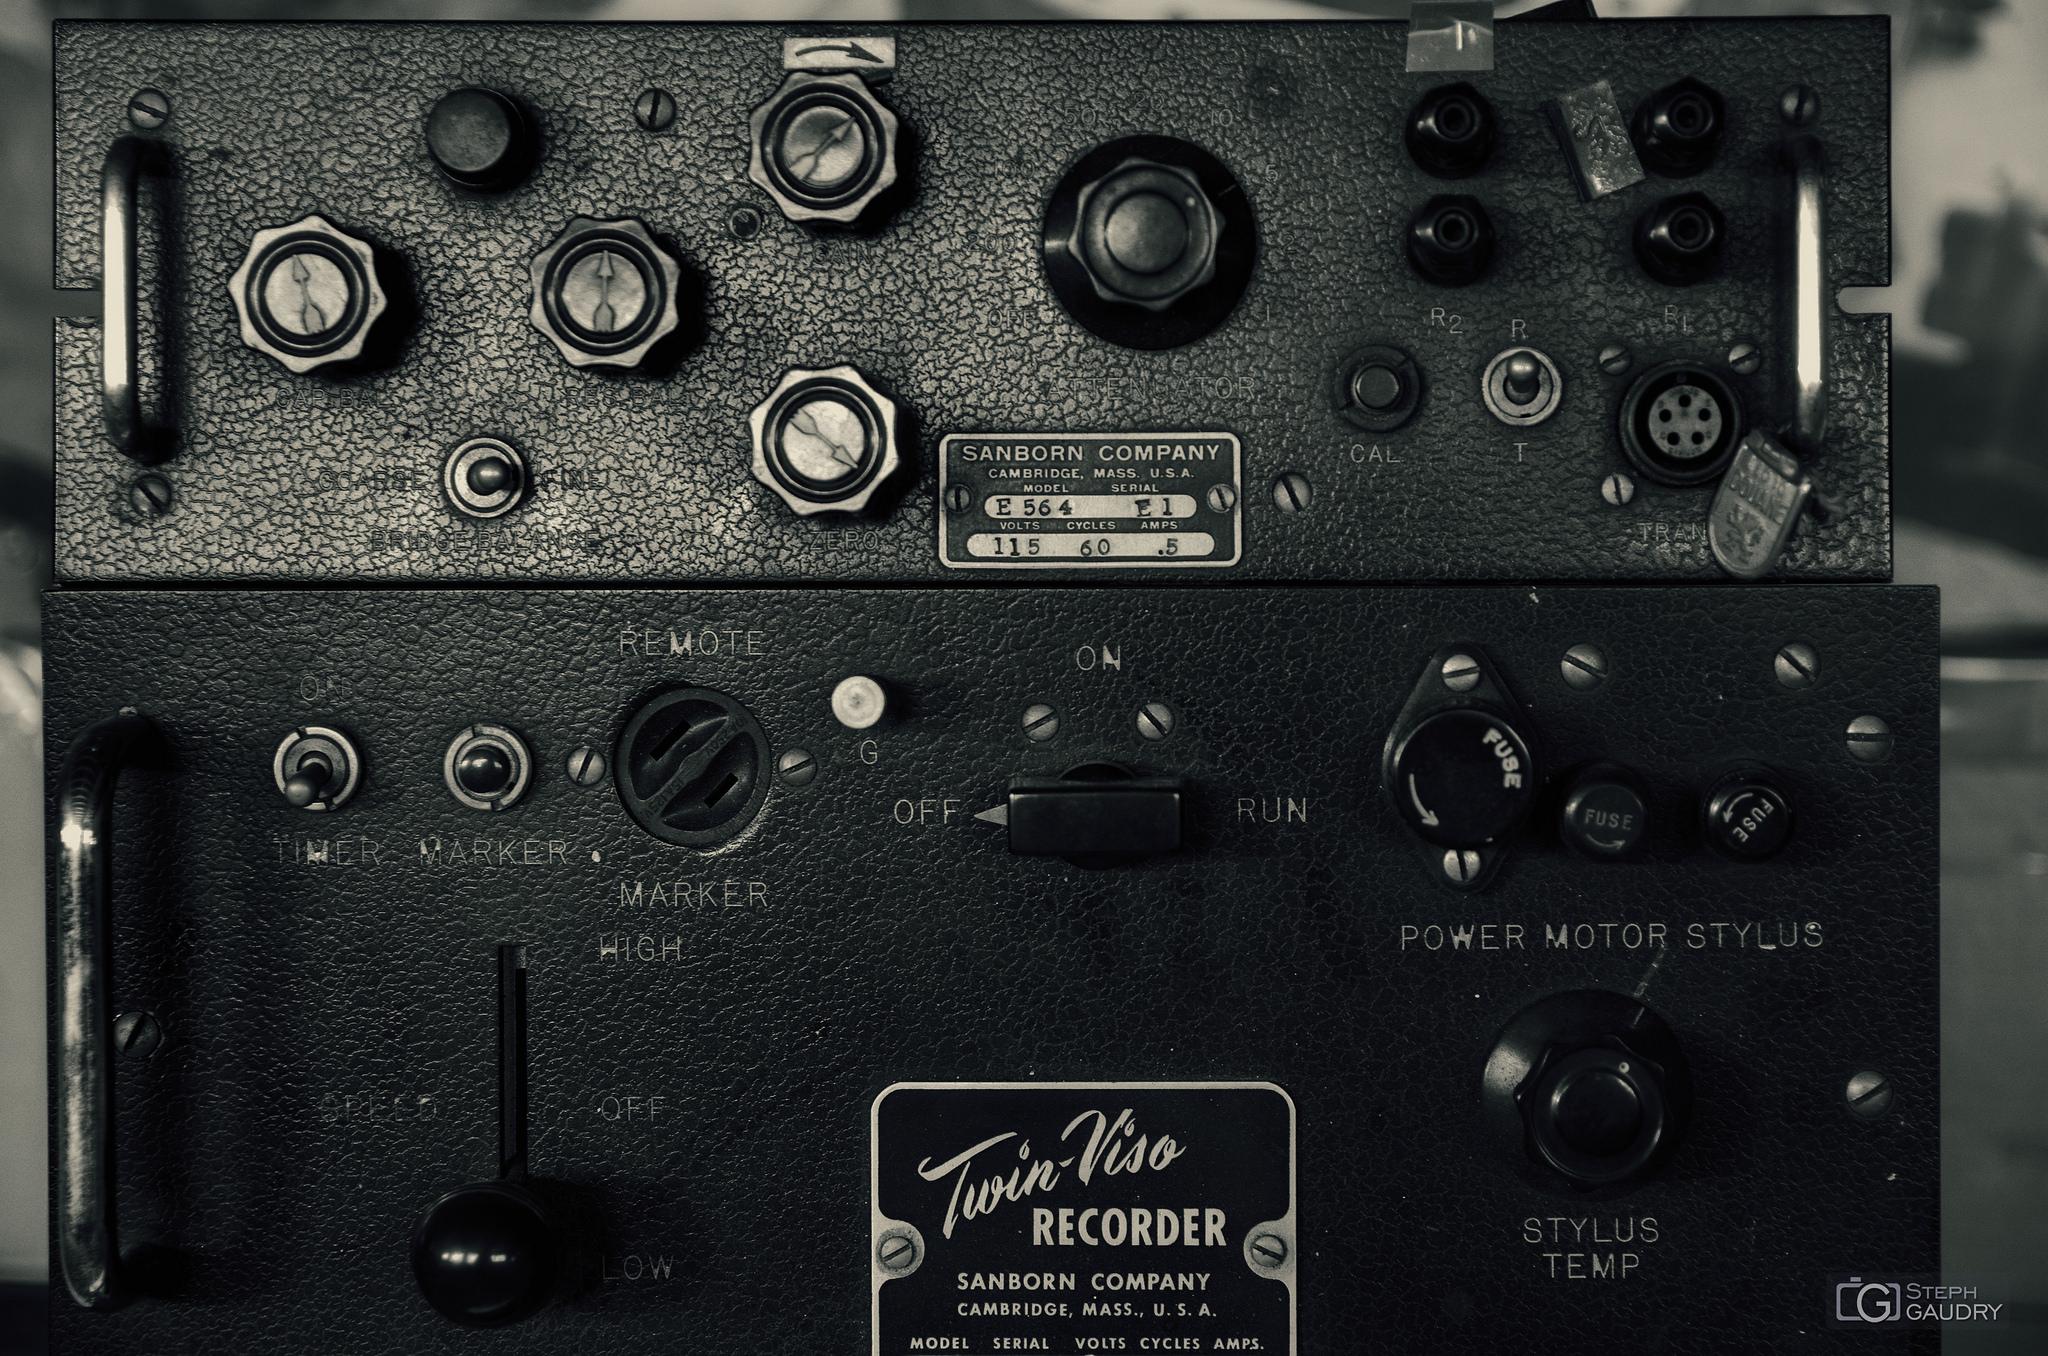 Twin-Viso RECORDER detail [Cliquez pour lancer le diaporama]